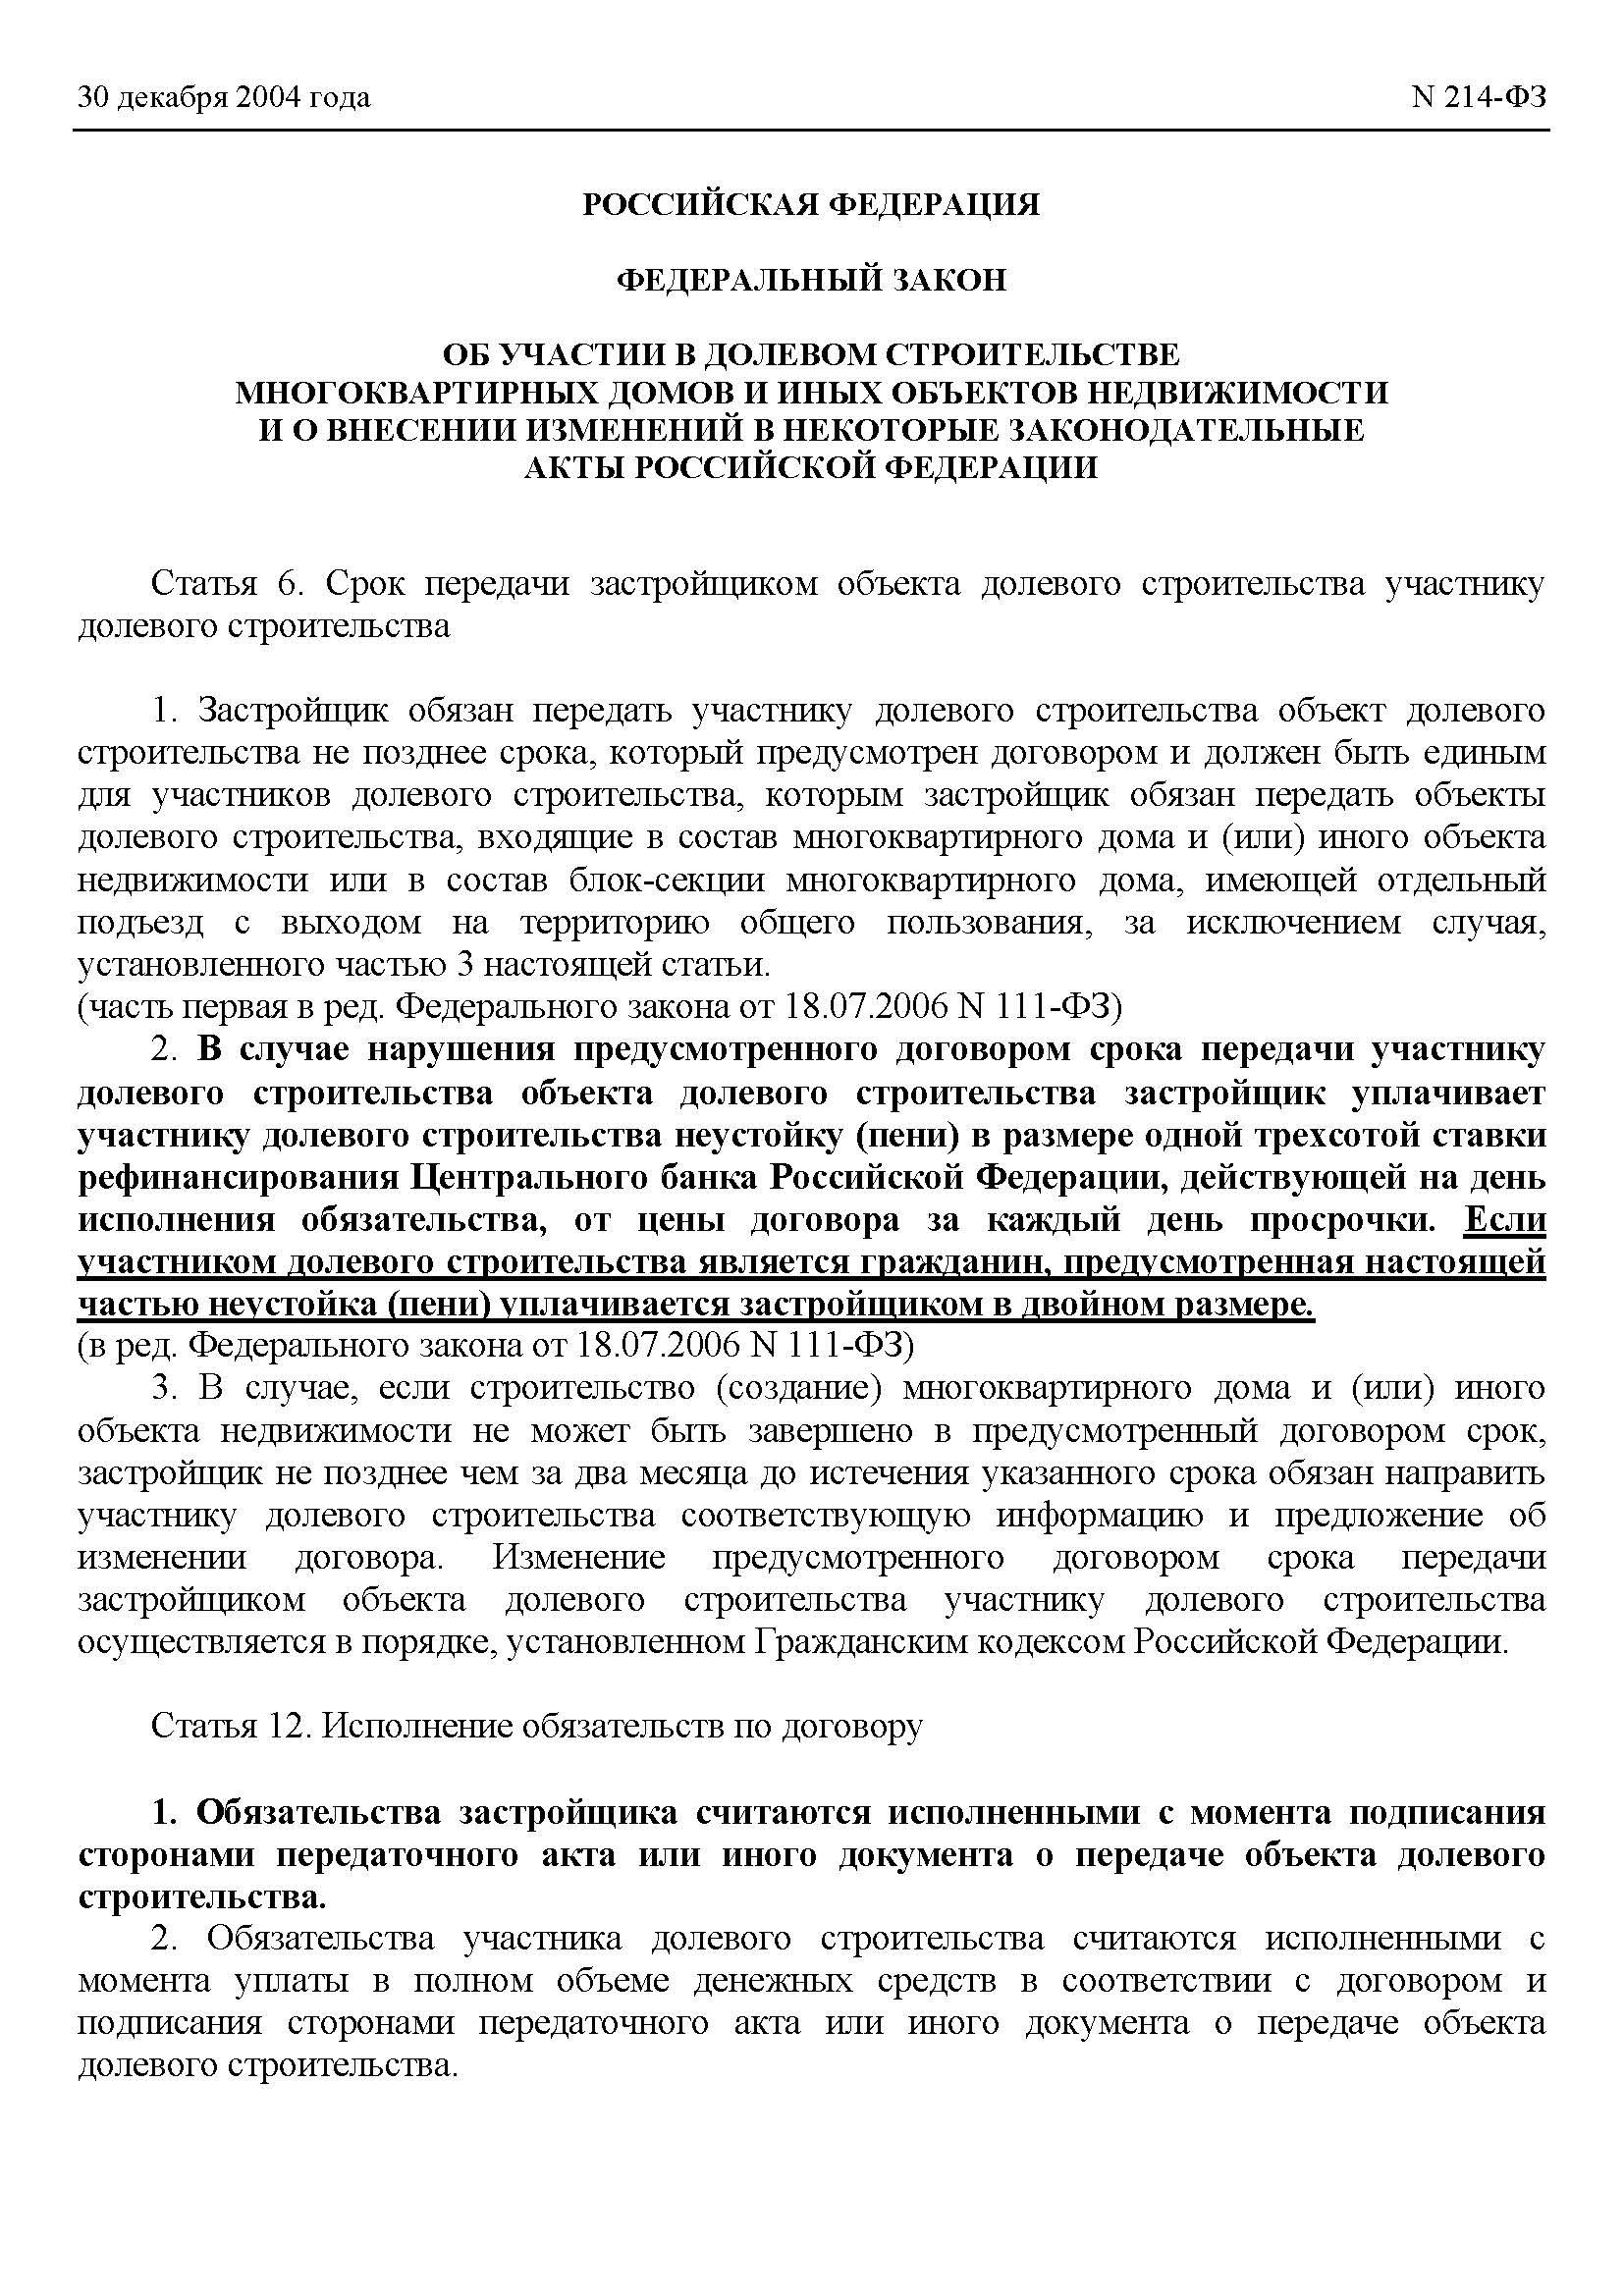 Написать жалобу в полицию навокузнецк